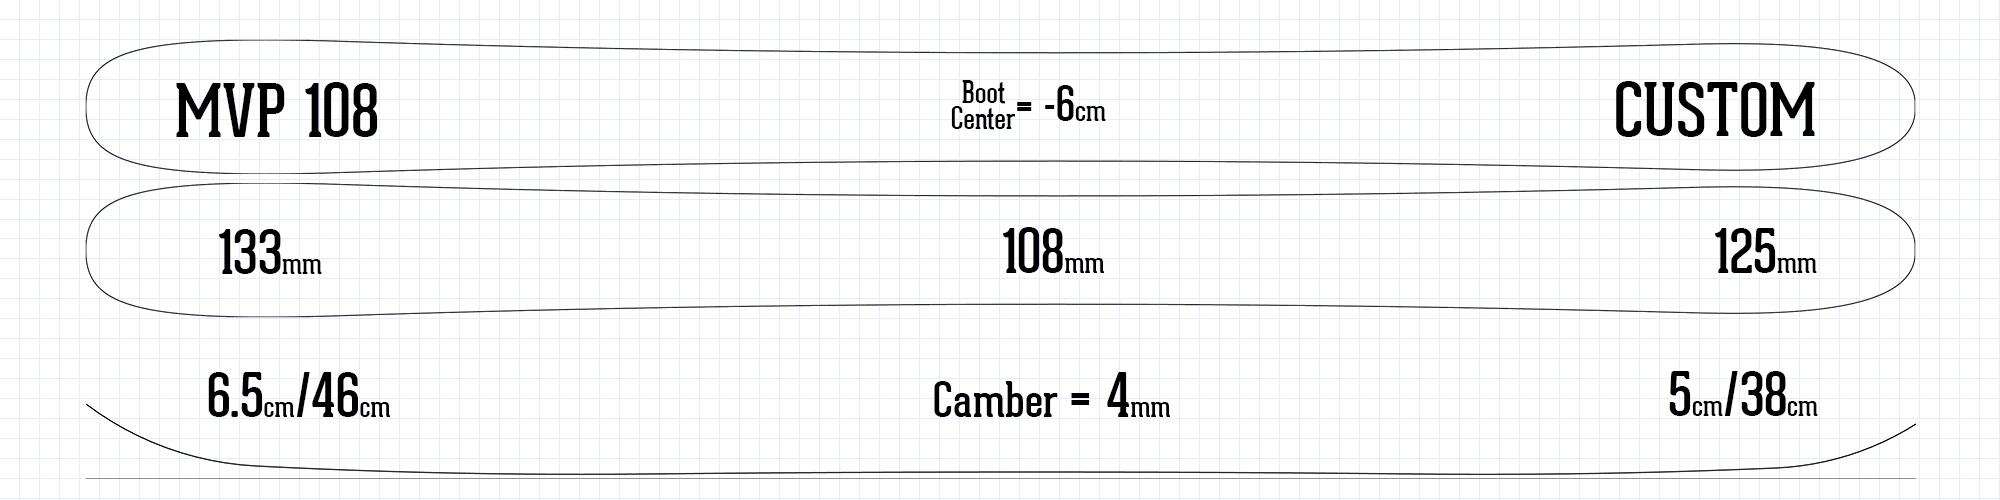 mvp-108-ski-information-psd.jpg